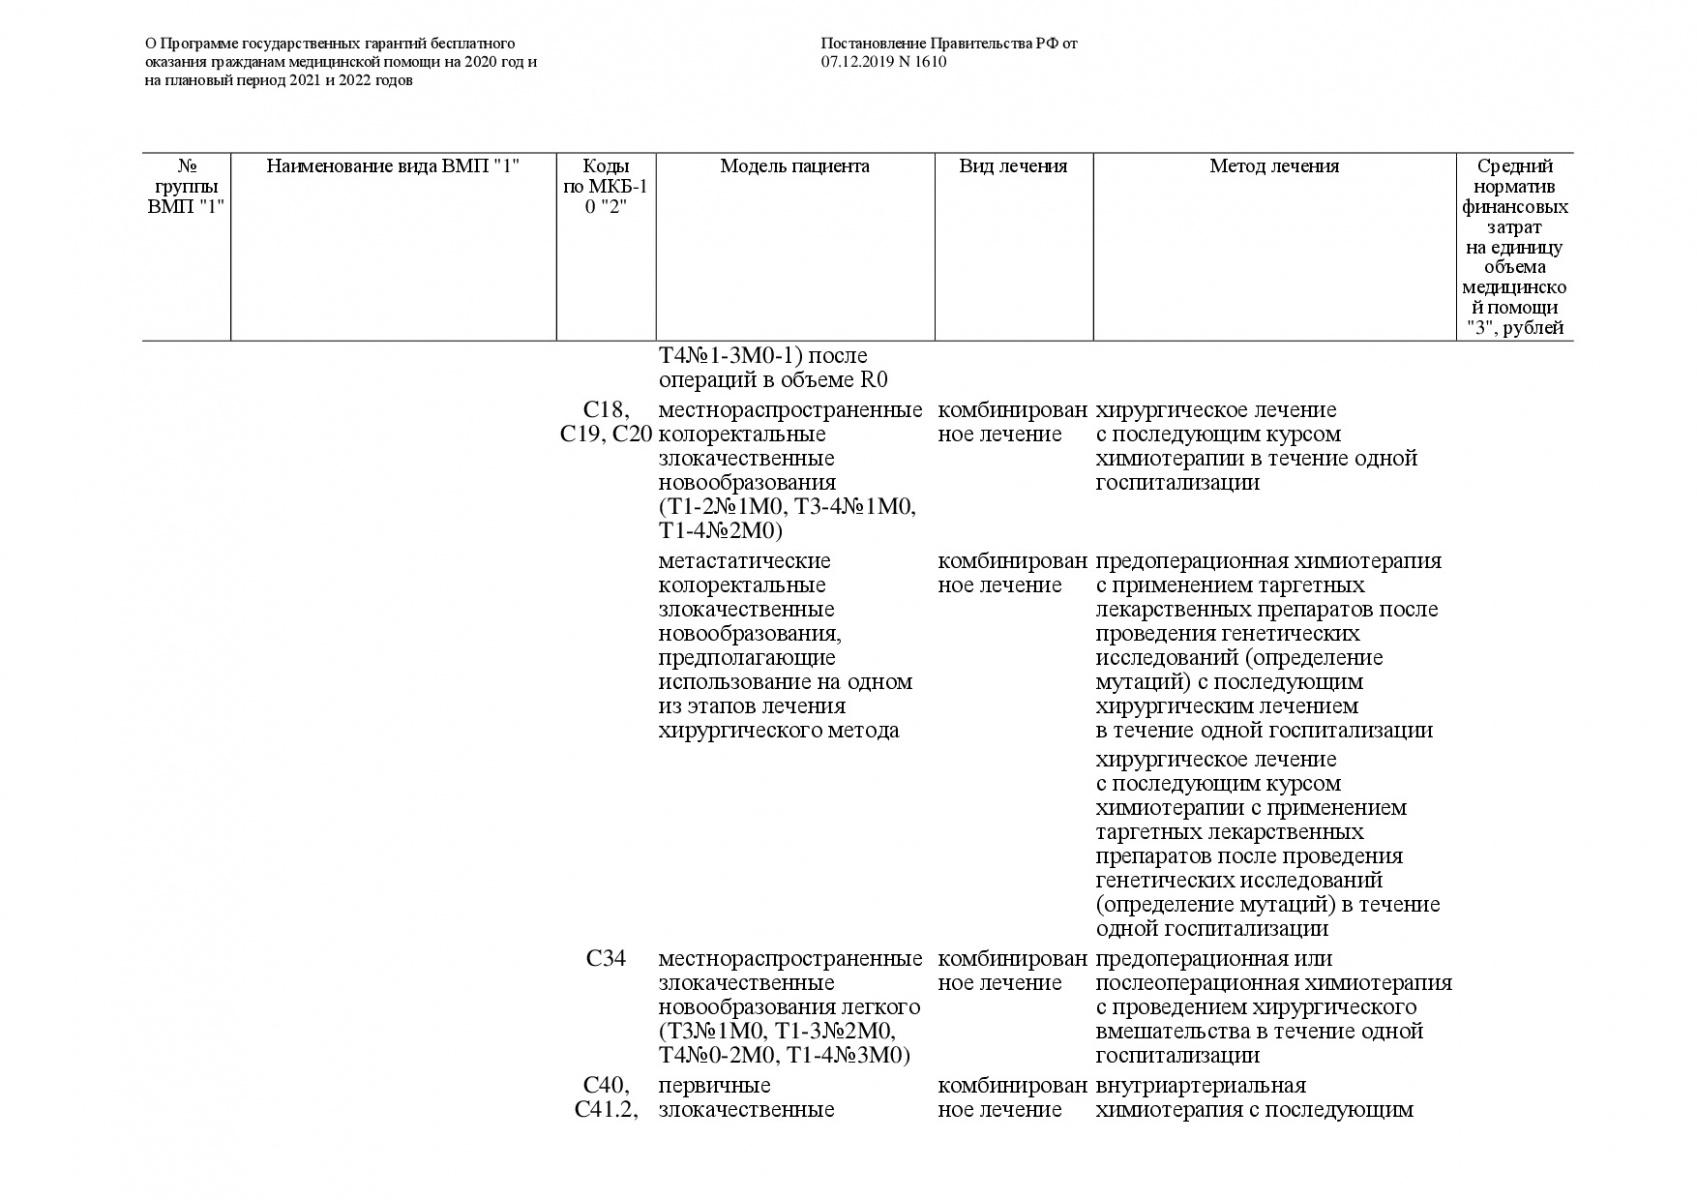 Postanovlenie-Pravitelstva-RF-ot-07_12_2019-1610-O-PGG-201